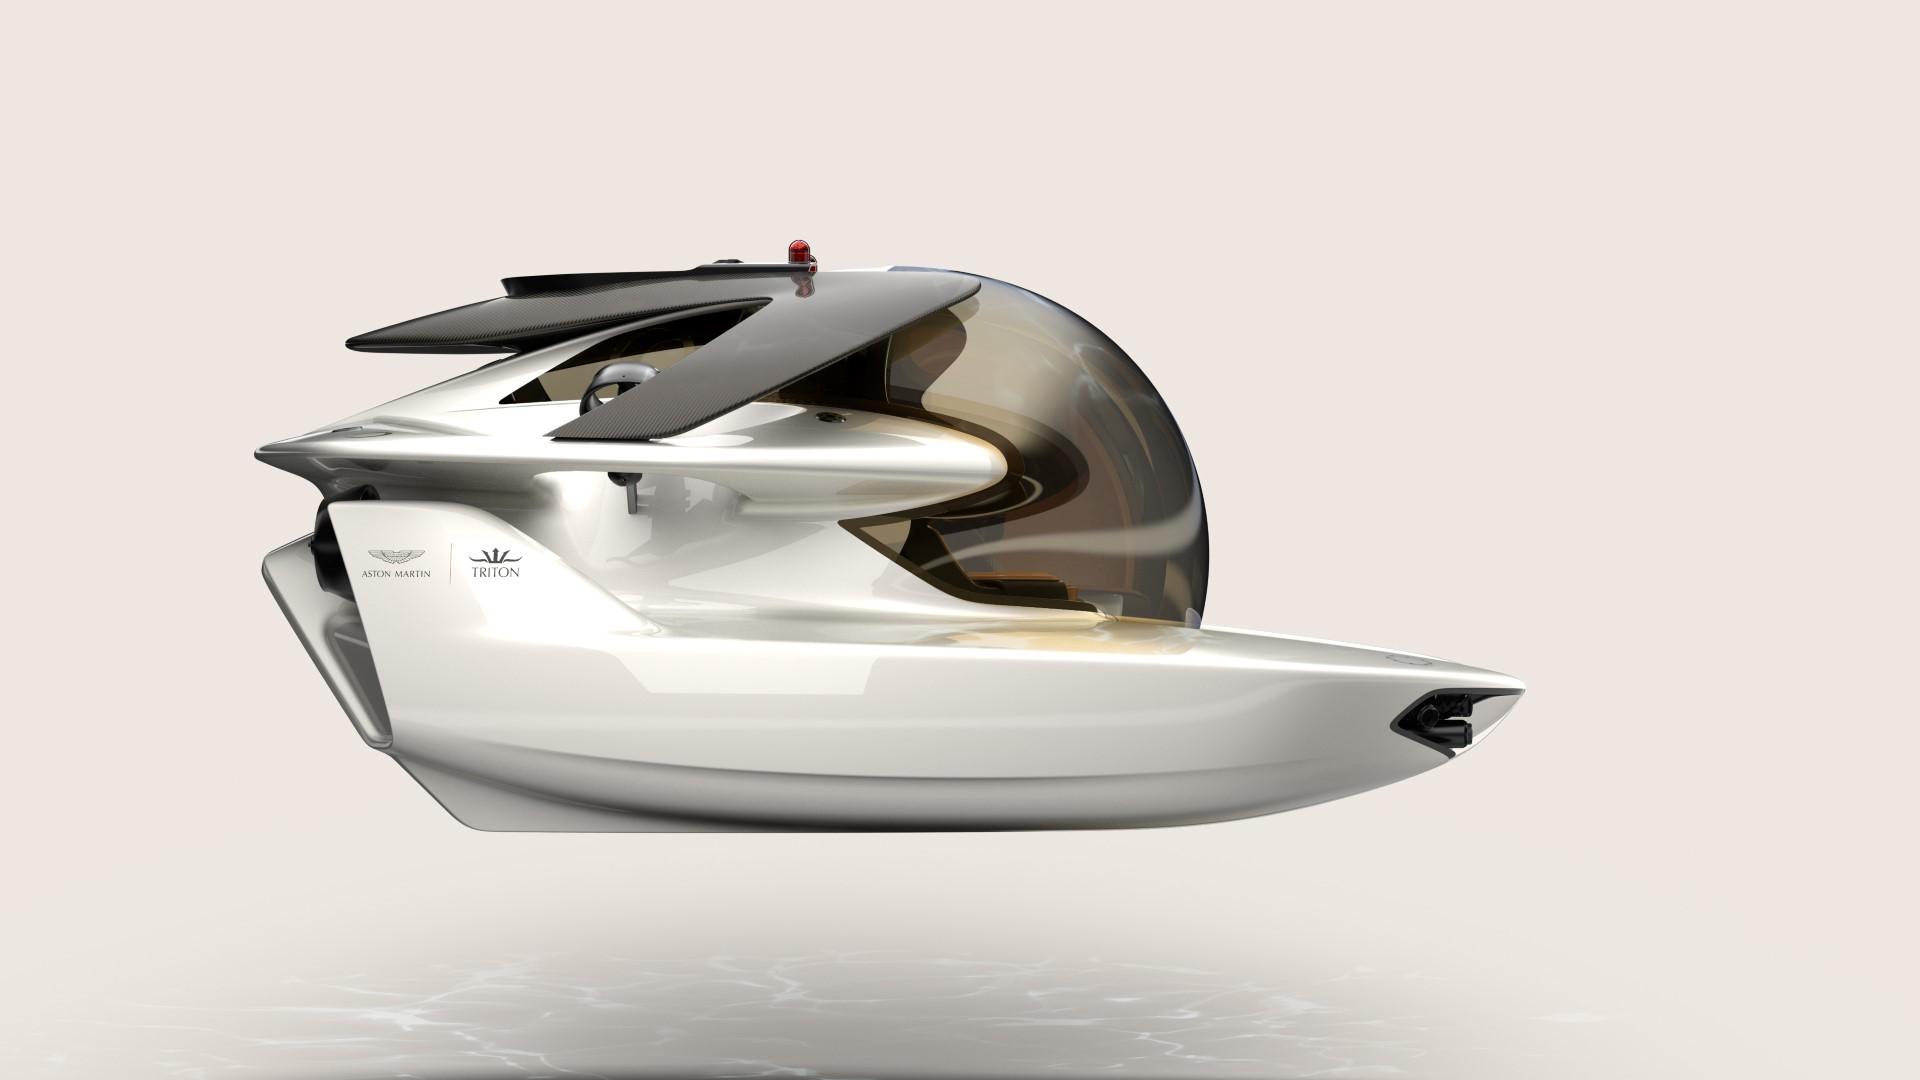 Aston Martin займется производством подводных лодок 2